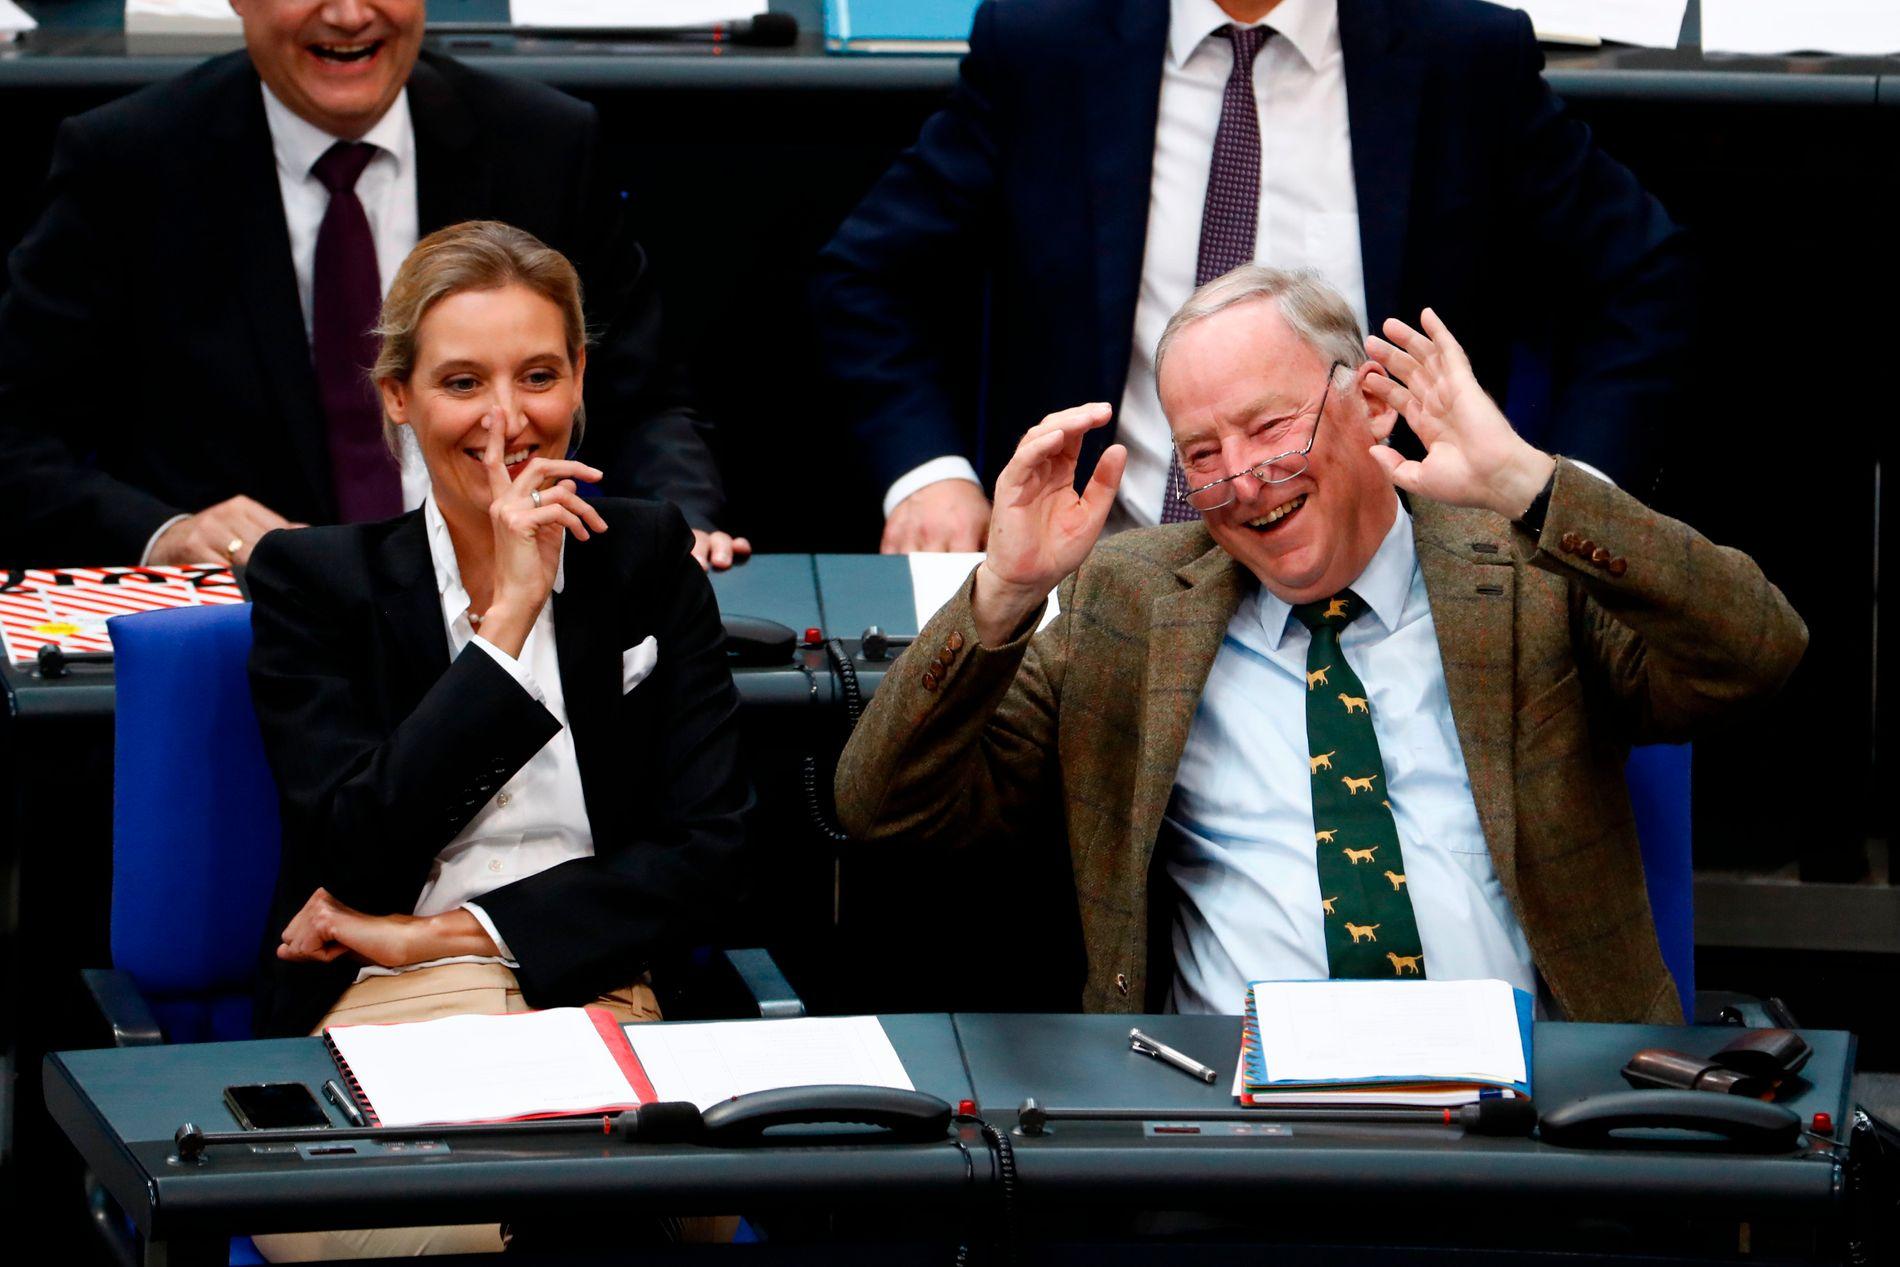 GRUNN TIL Å SMILE: Lederne av Alternativ for Tyskland (AfD) Alice Weidel (t.v.) og Alexander Gauland (t.h.) kunne ha ledd hele veien til valgurnene dersom det var valg i dag, etter å ha forbigått sosialdemokratene for aller første gang i en representativ meningsmåling.